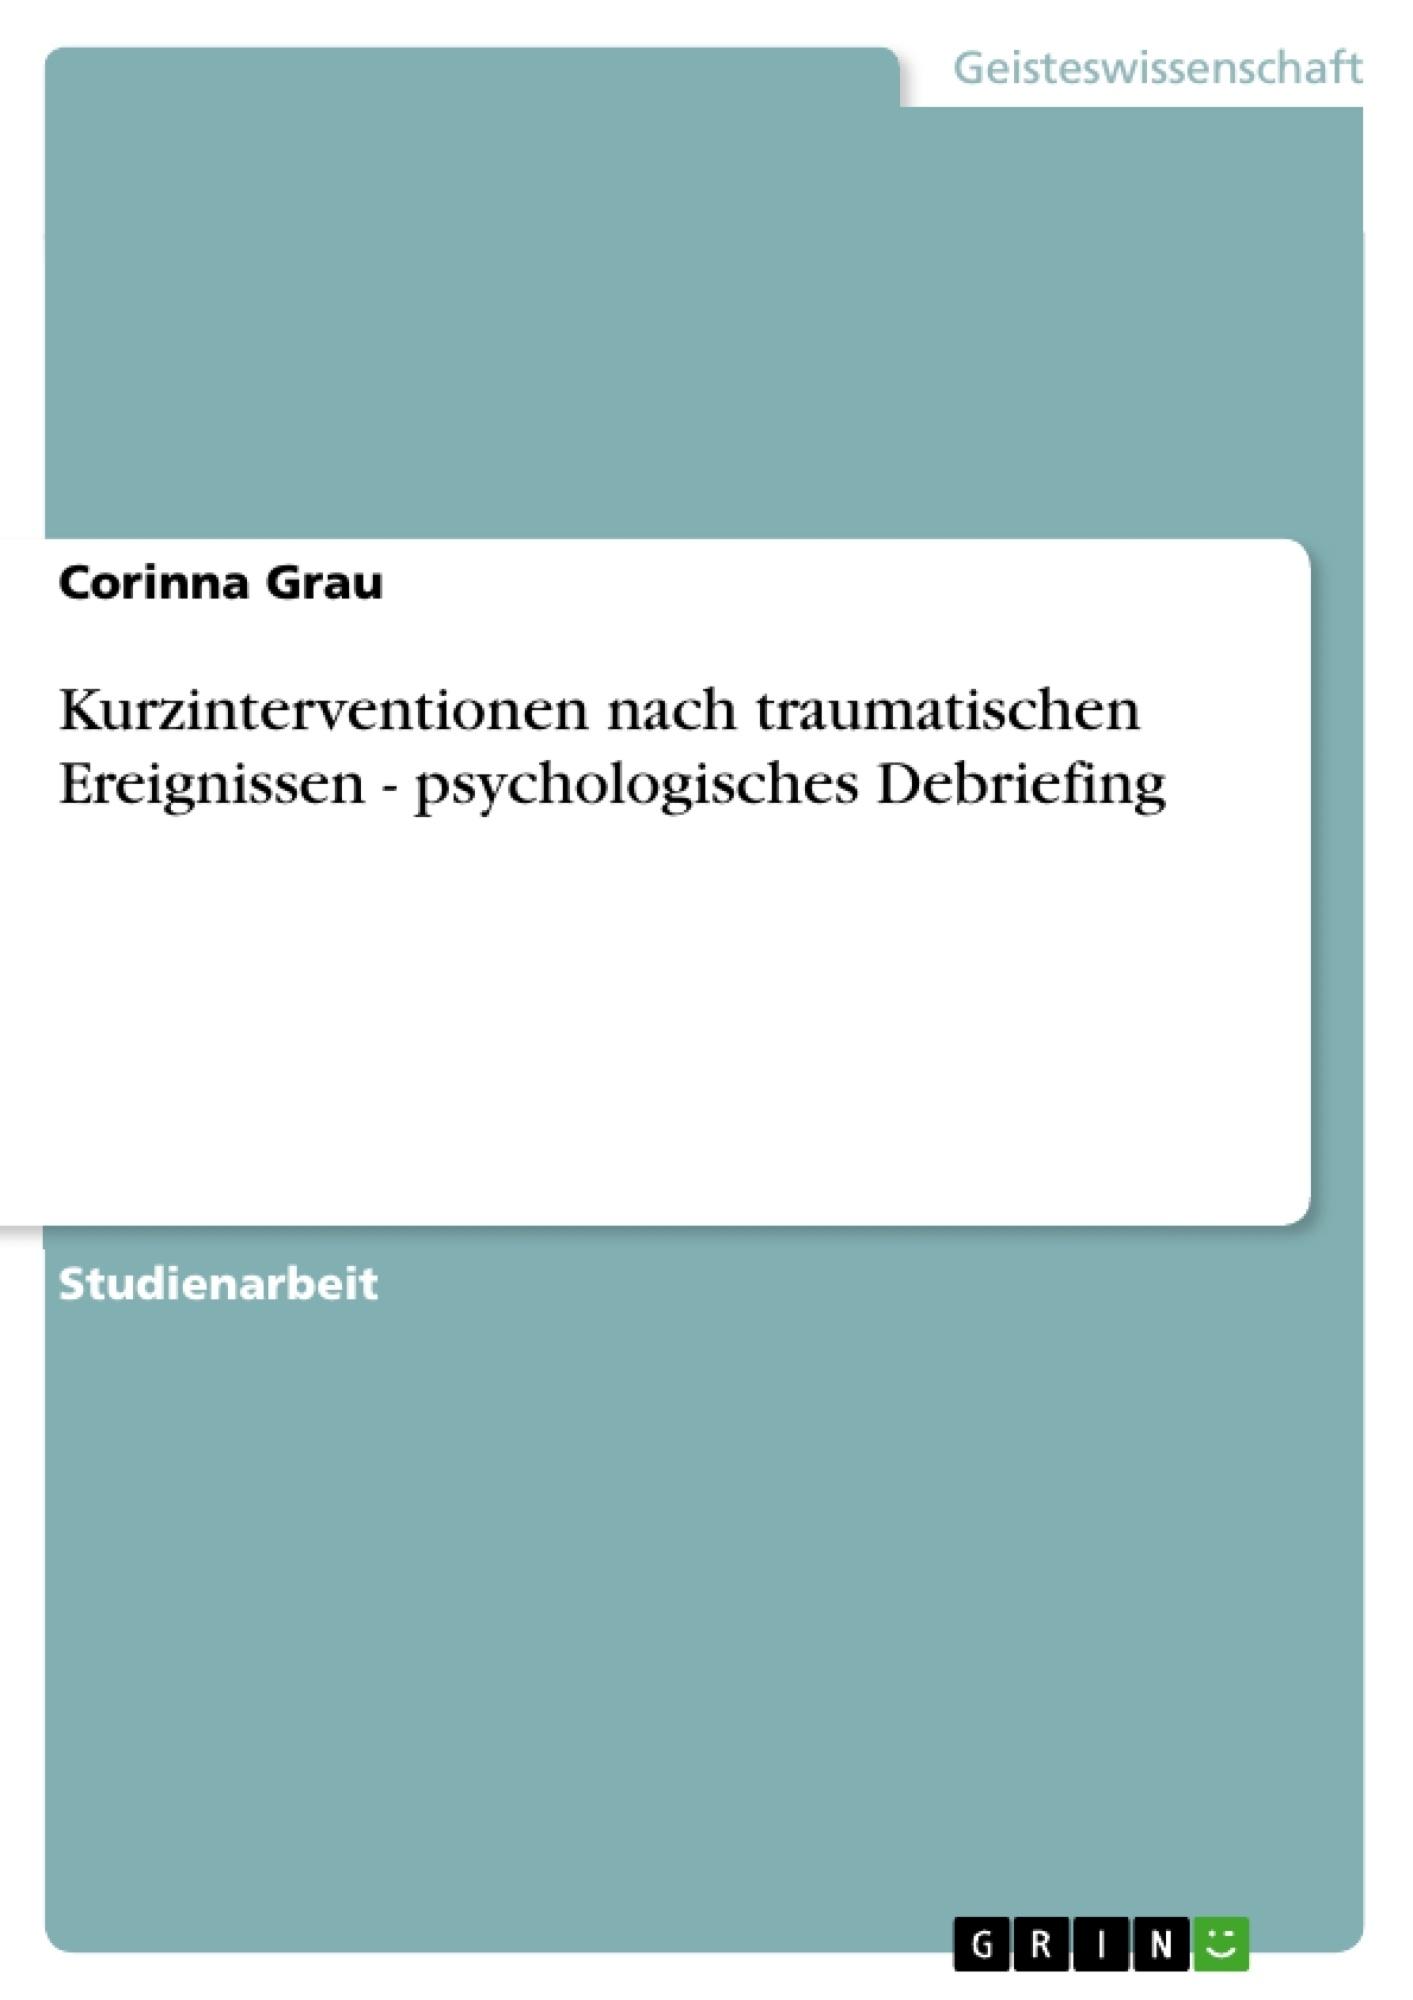 Titel: Kurzinterventionen nach traumatischen Ereignissen - psychologisches Debriefing